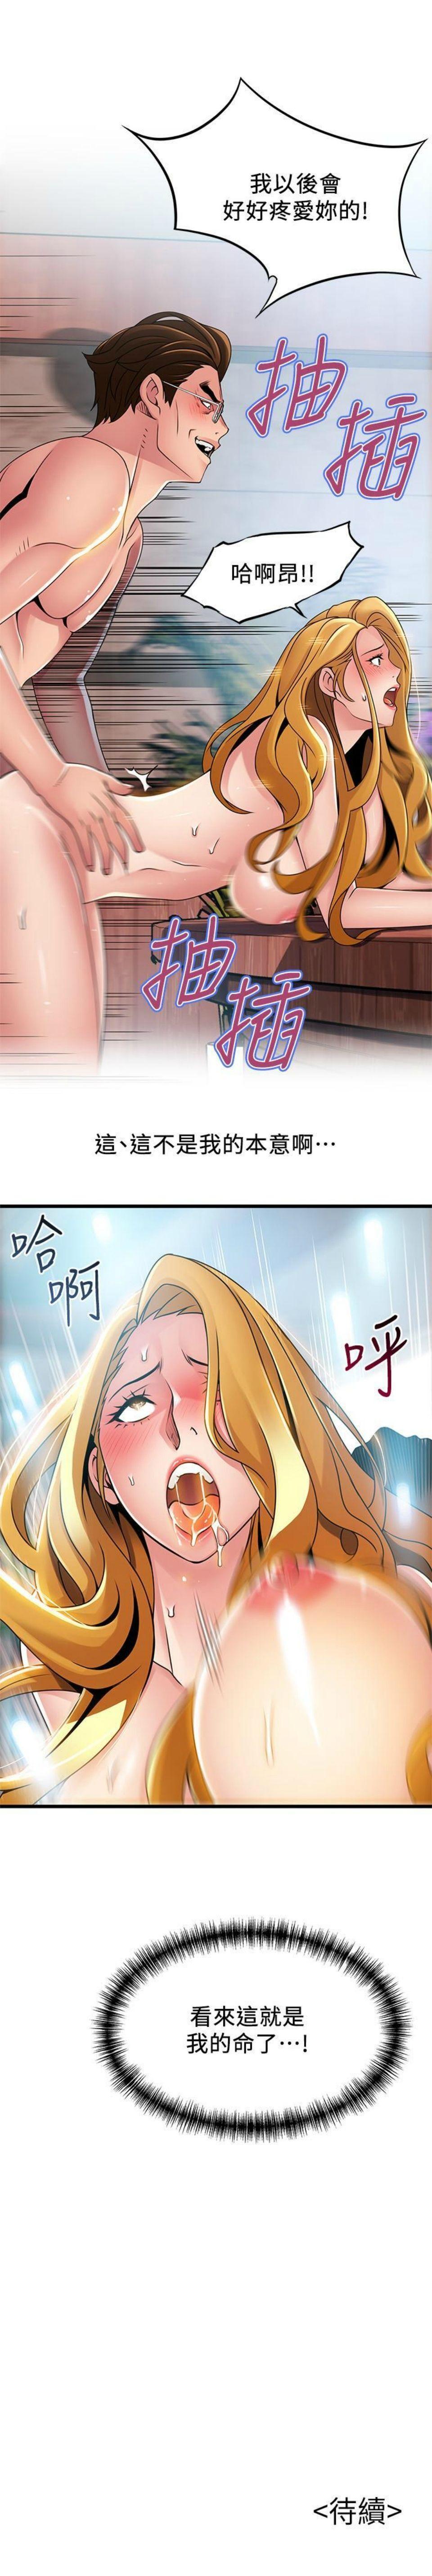 弱點 1-101 官方中文(連載中) 631